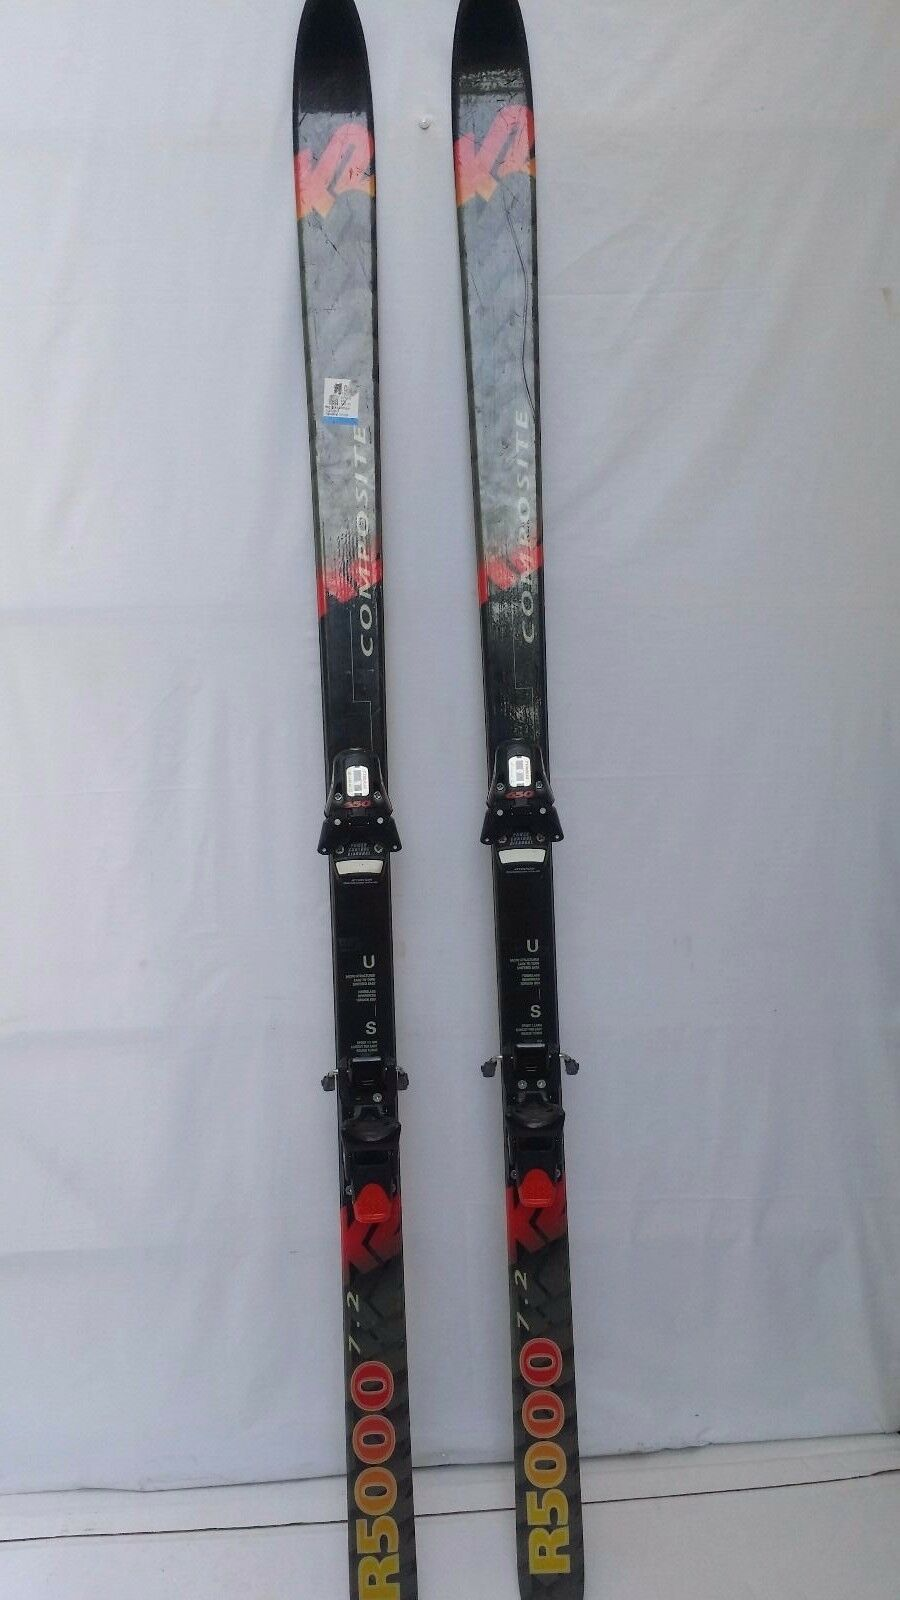 K2 R5000 7.2 Skis Composite   Tyrolia 650 Bindings